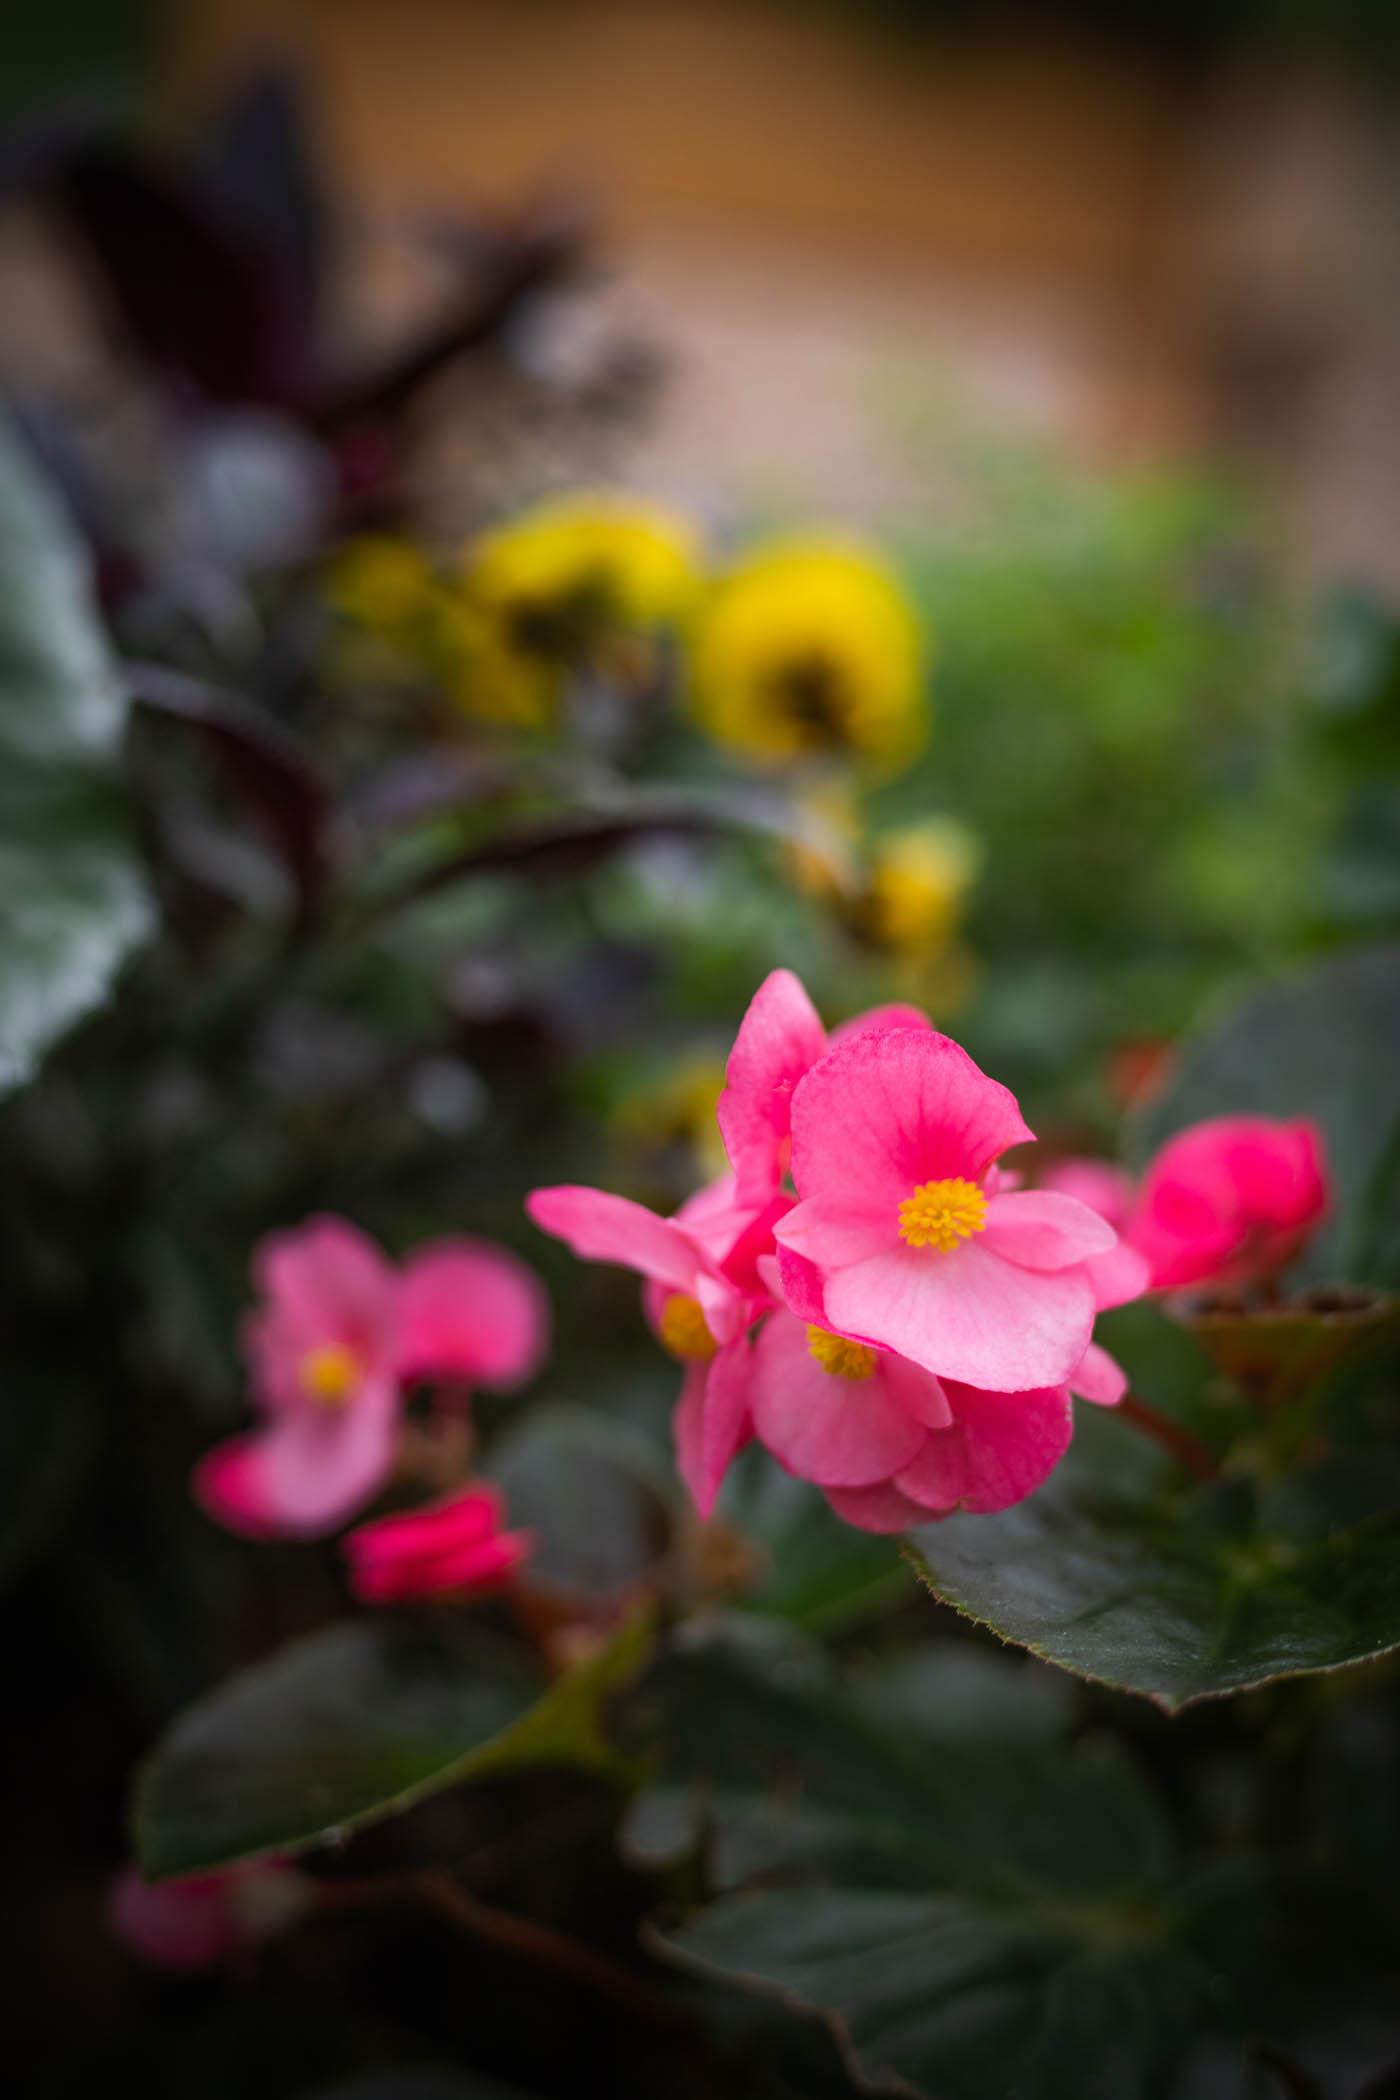 Arboretum Apr 24-10